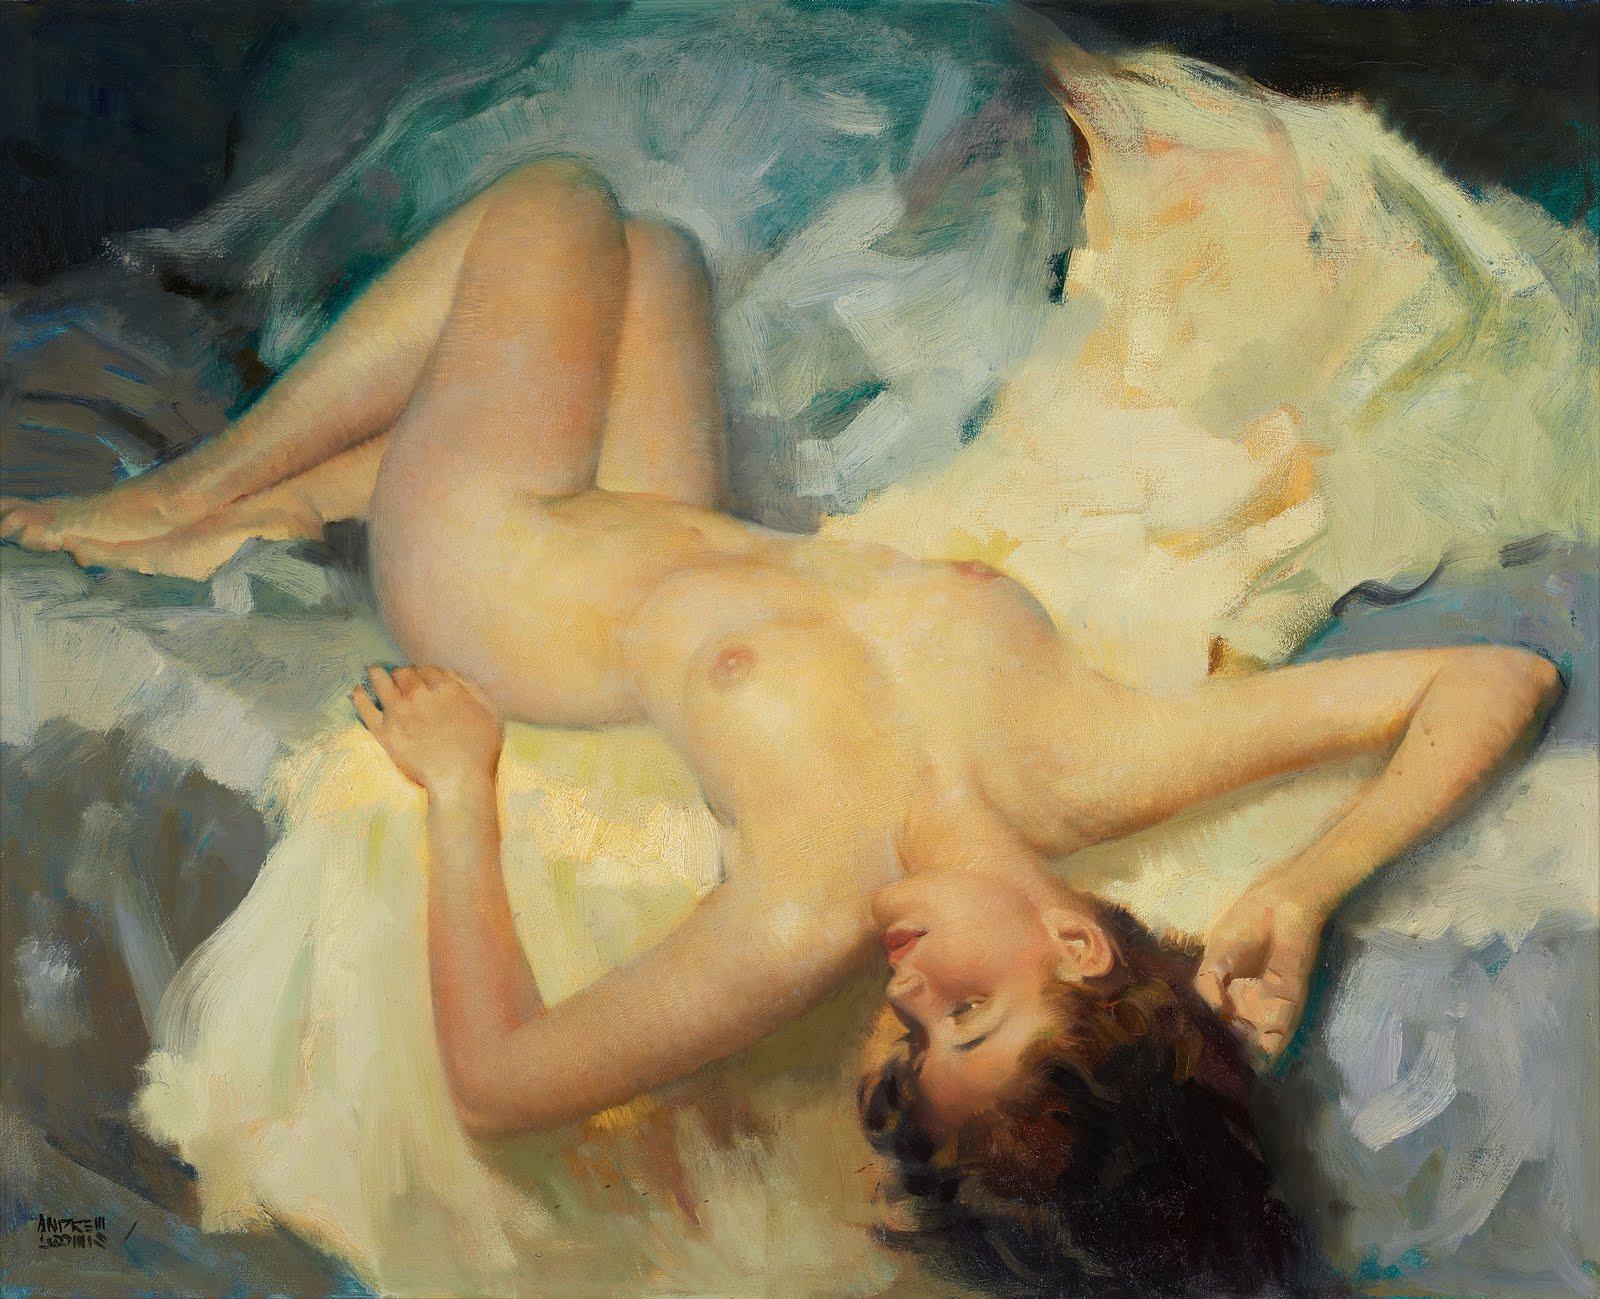 Художник рисует голую девушку 3 фотография